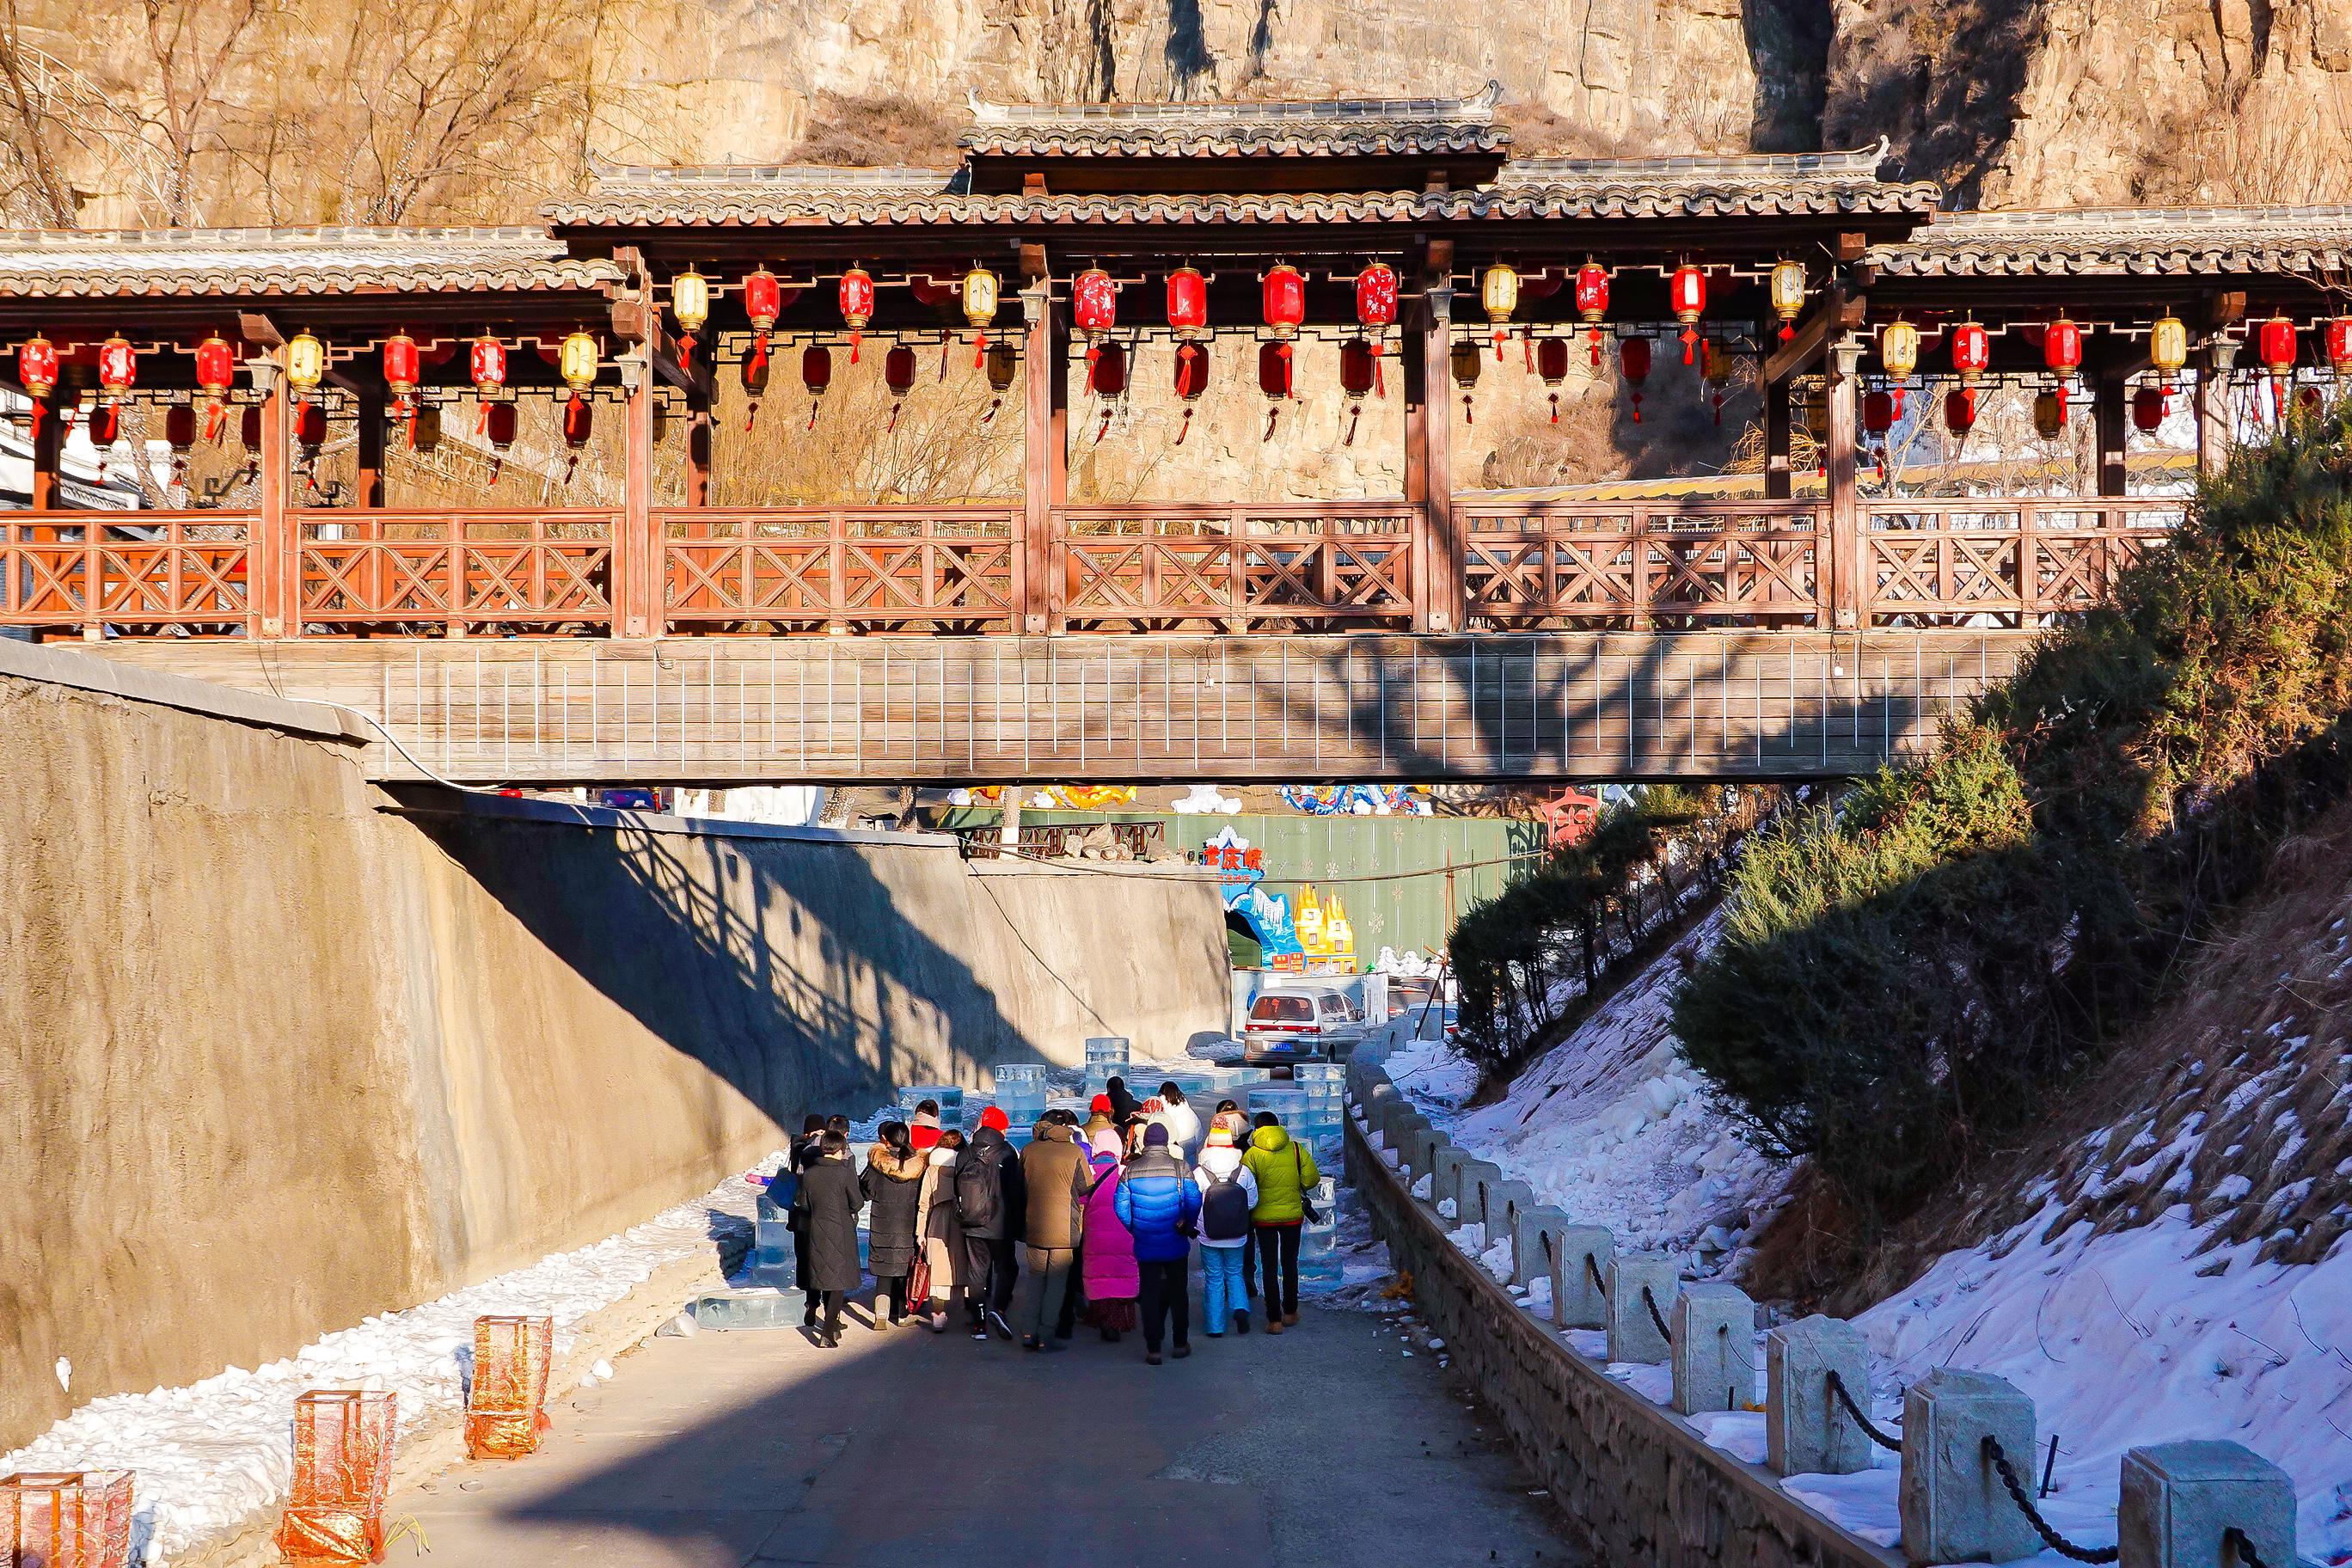 不到10天!北京最火的冰灯节要来了!上万块冰雕组成奇幻冰雪世界